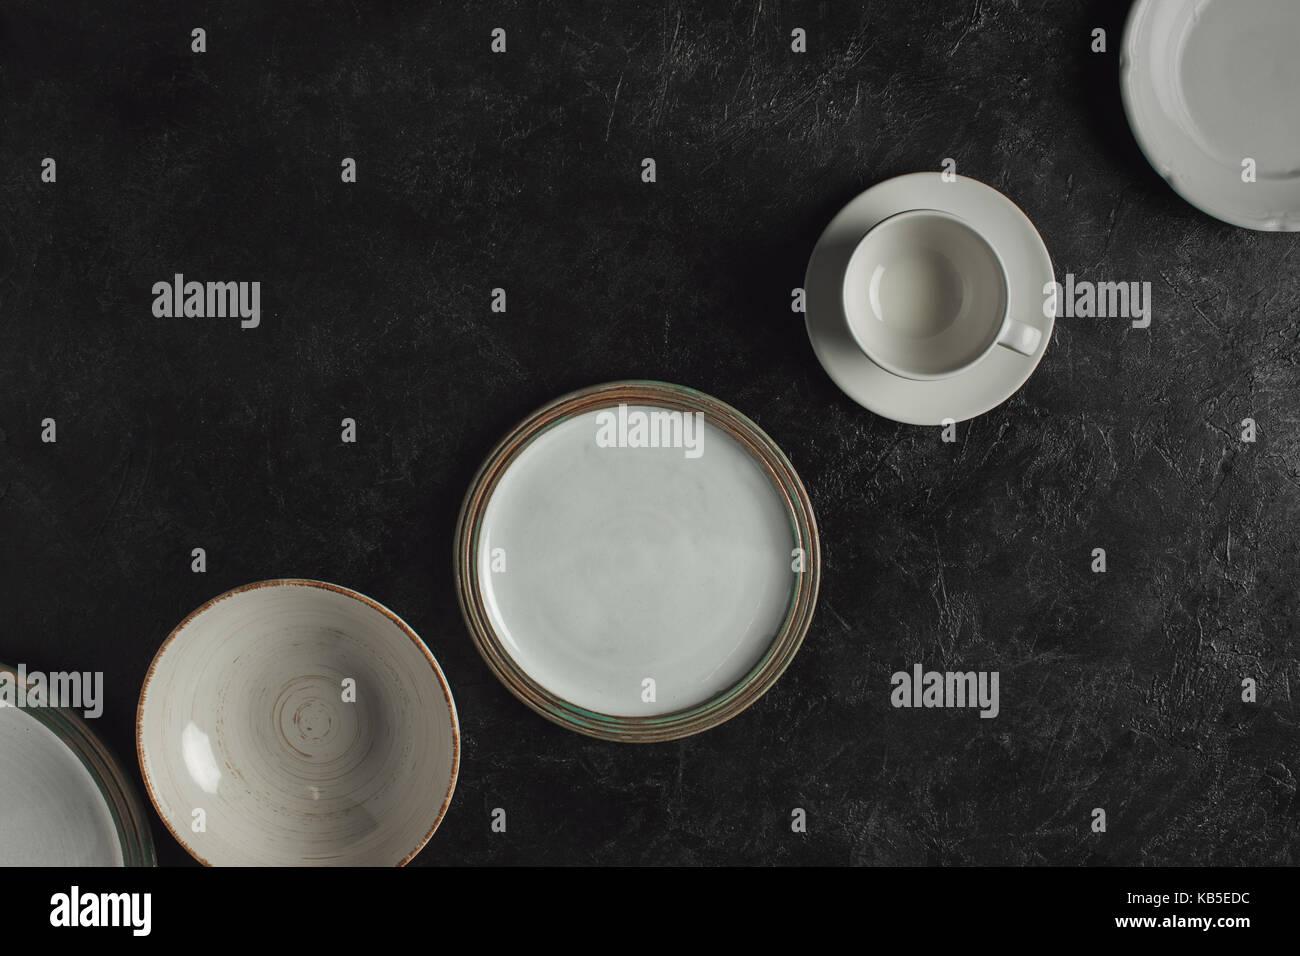 Vaisselle en céramique Banque D'Images